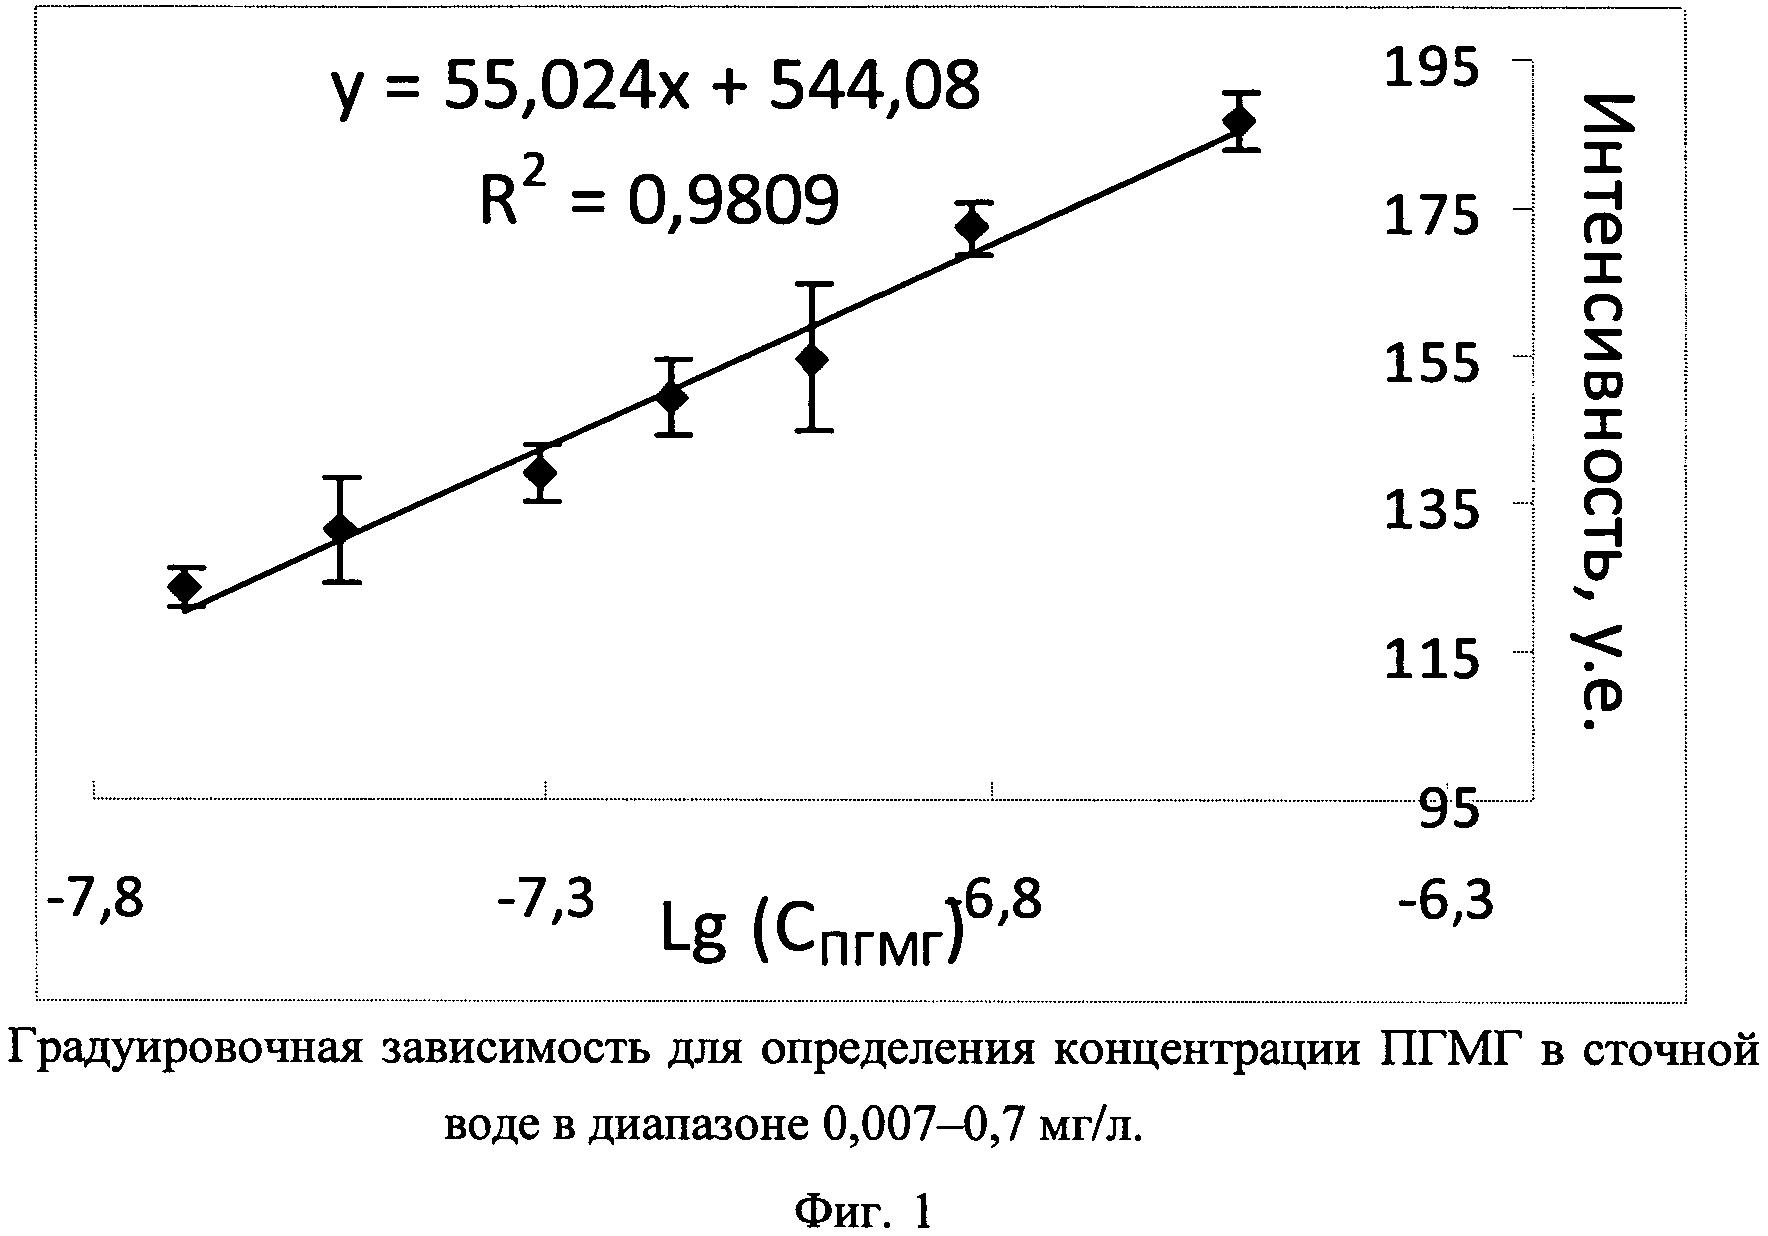 Способ количественного определения концентрации гидрохлорида полигексаметиленгуанидина в водном растворе